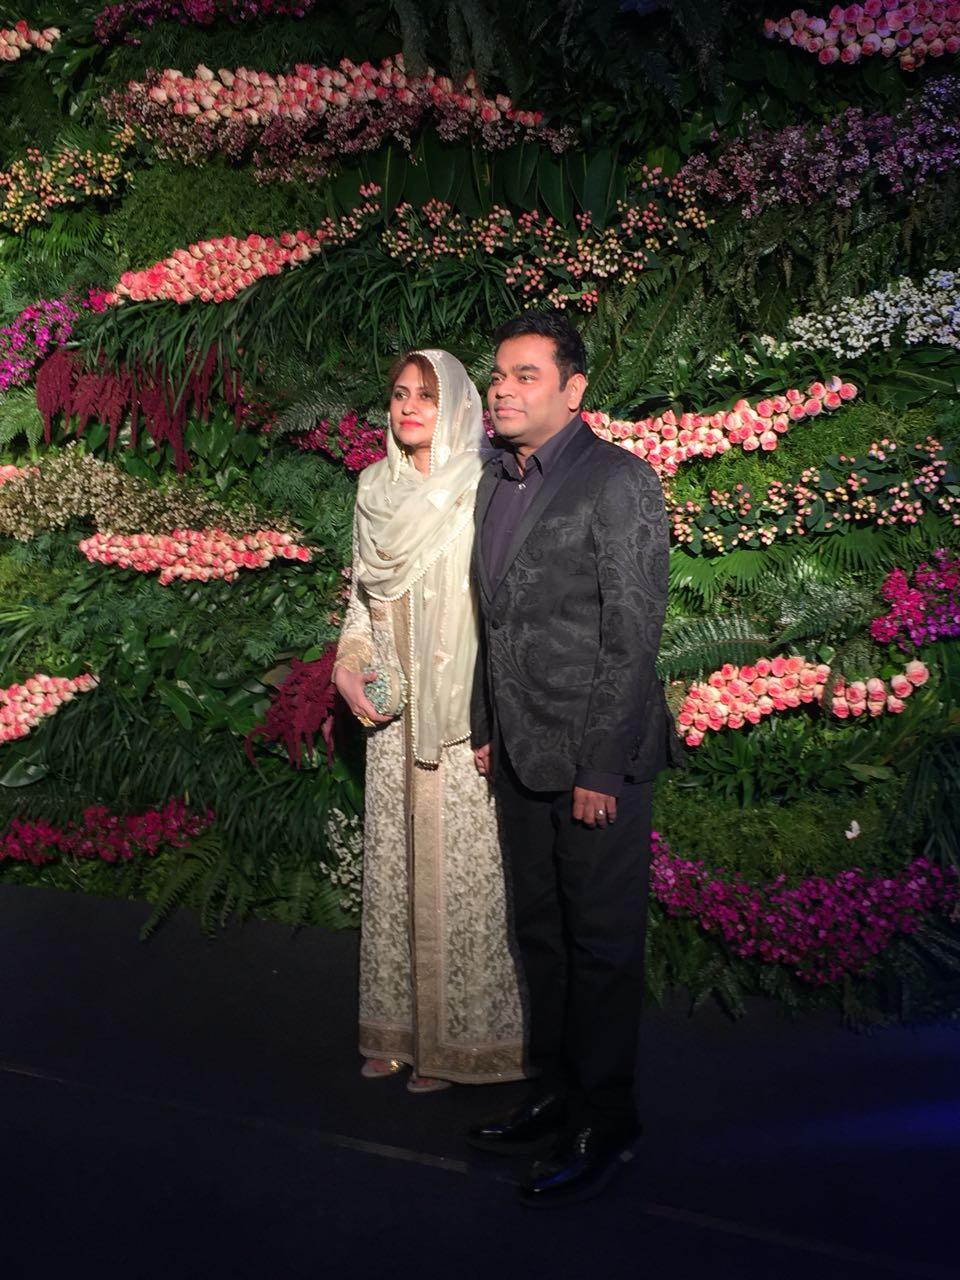 virat anushka wedding reception photos 3002 005